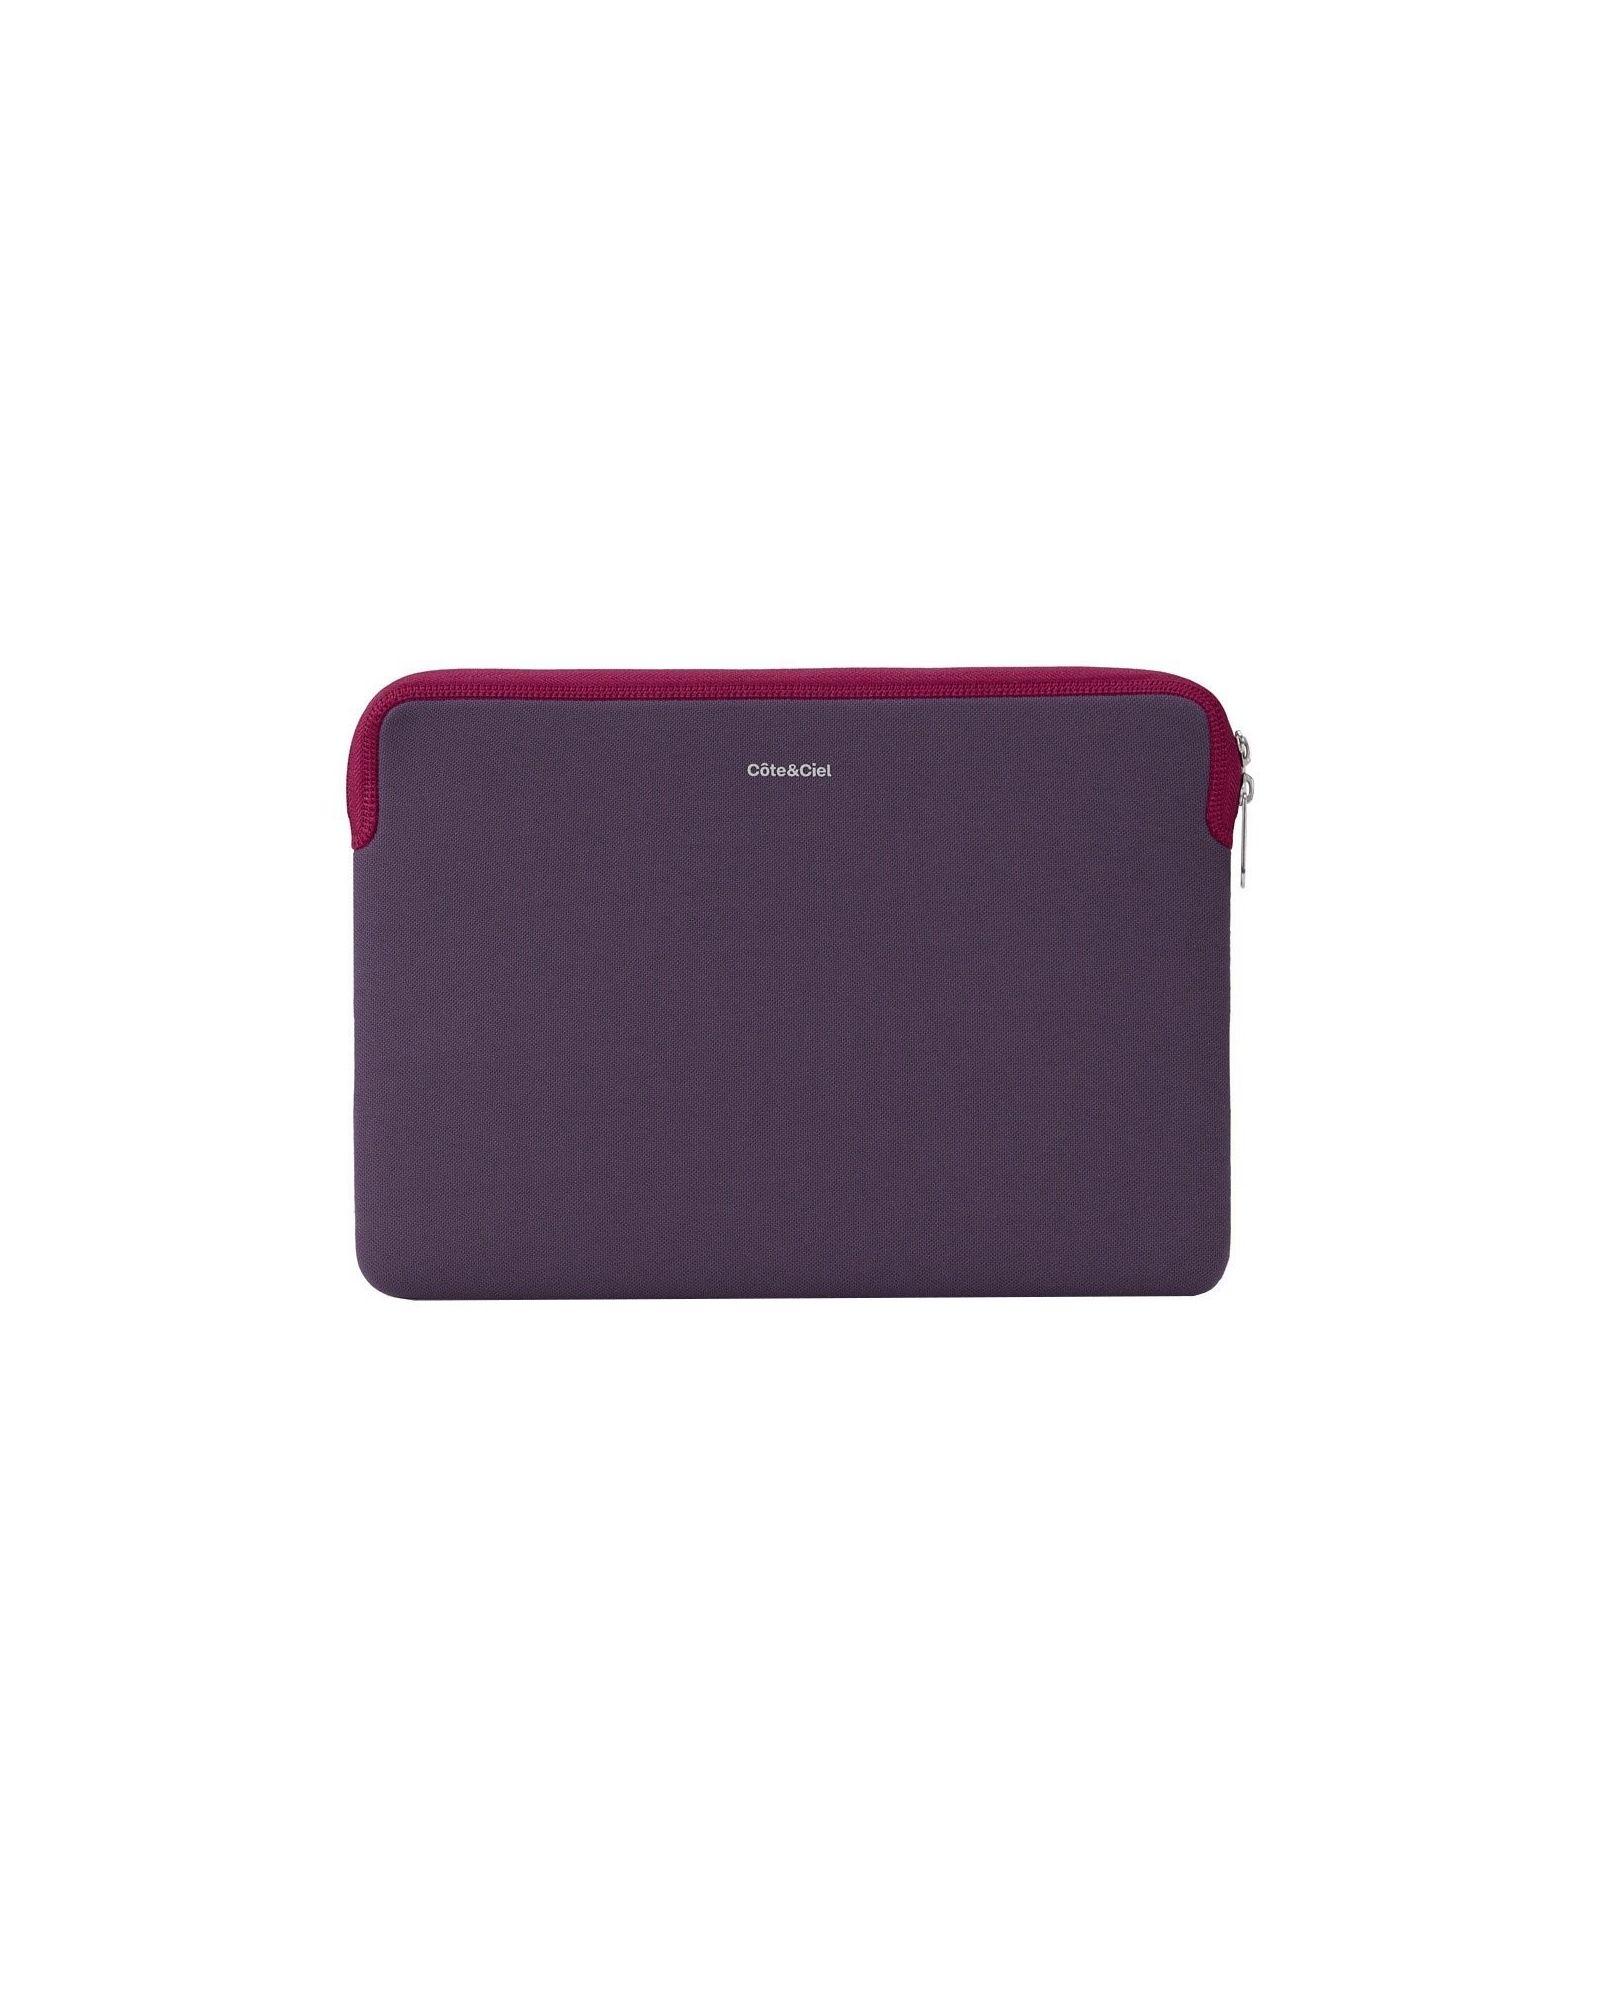 Pochette zippée violet Cote et Ciel